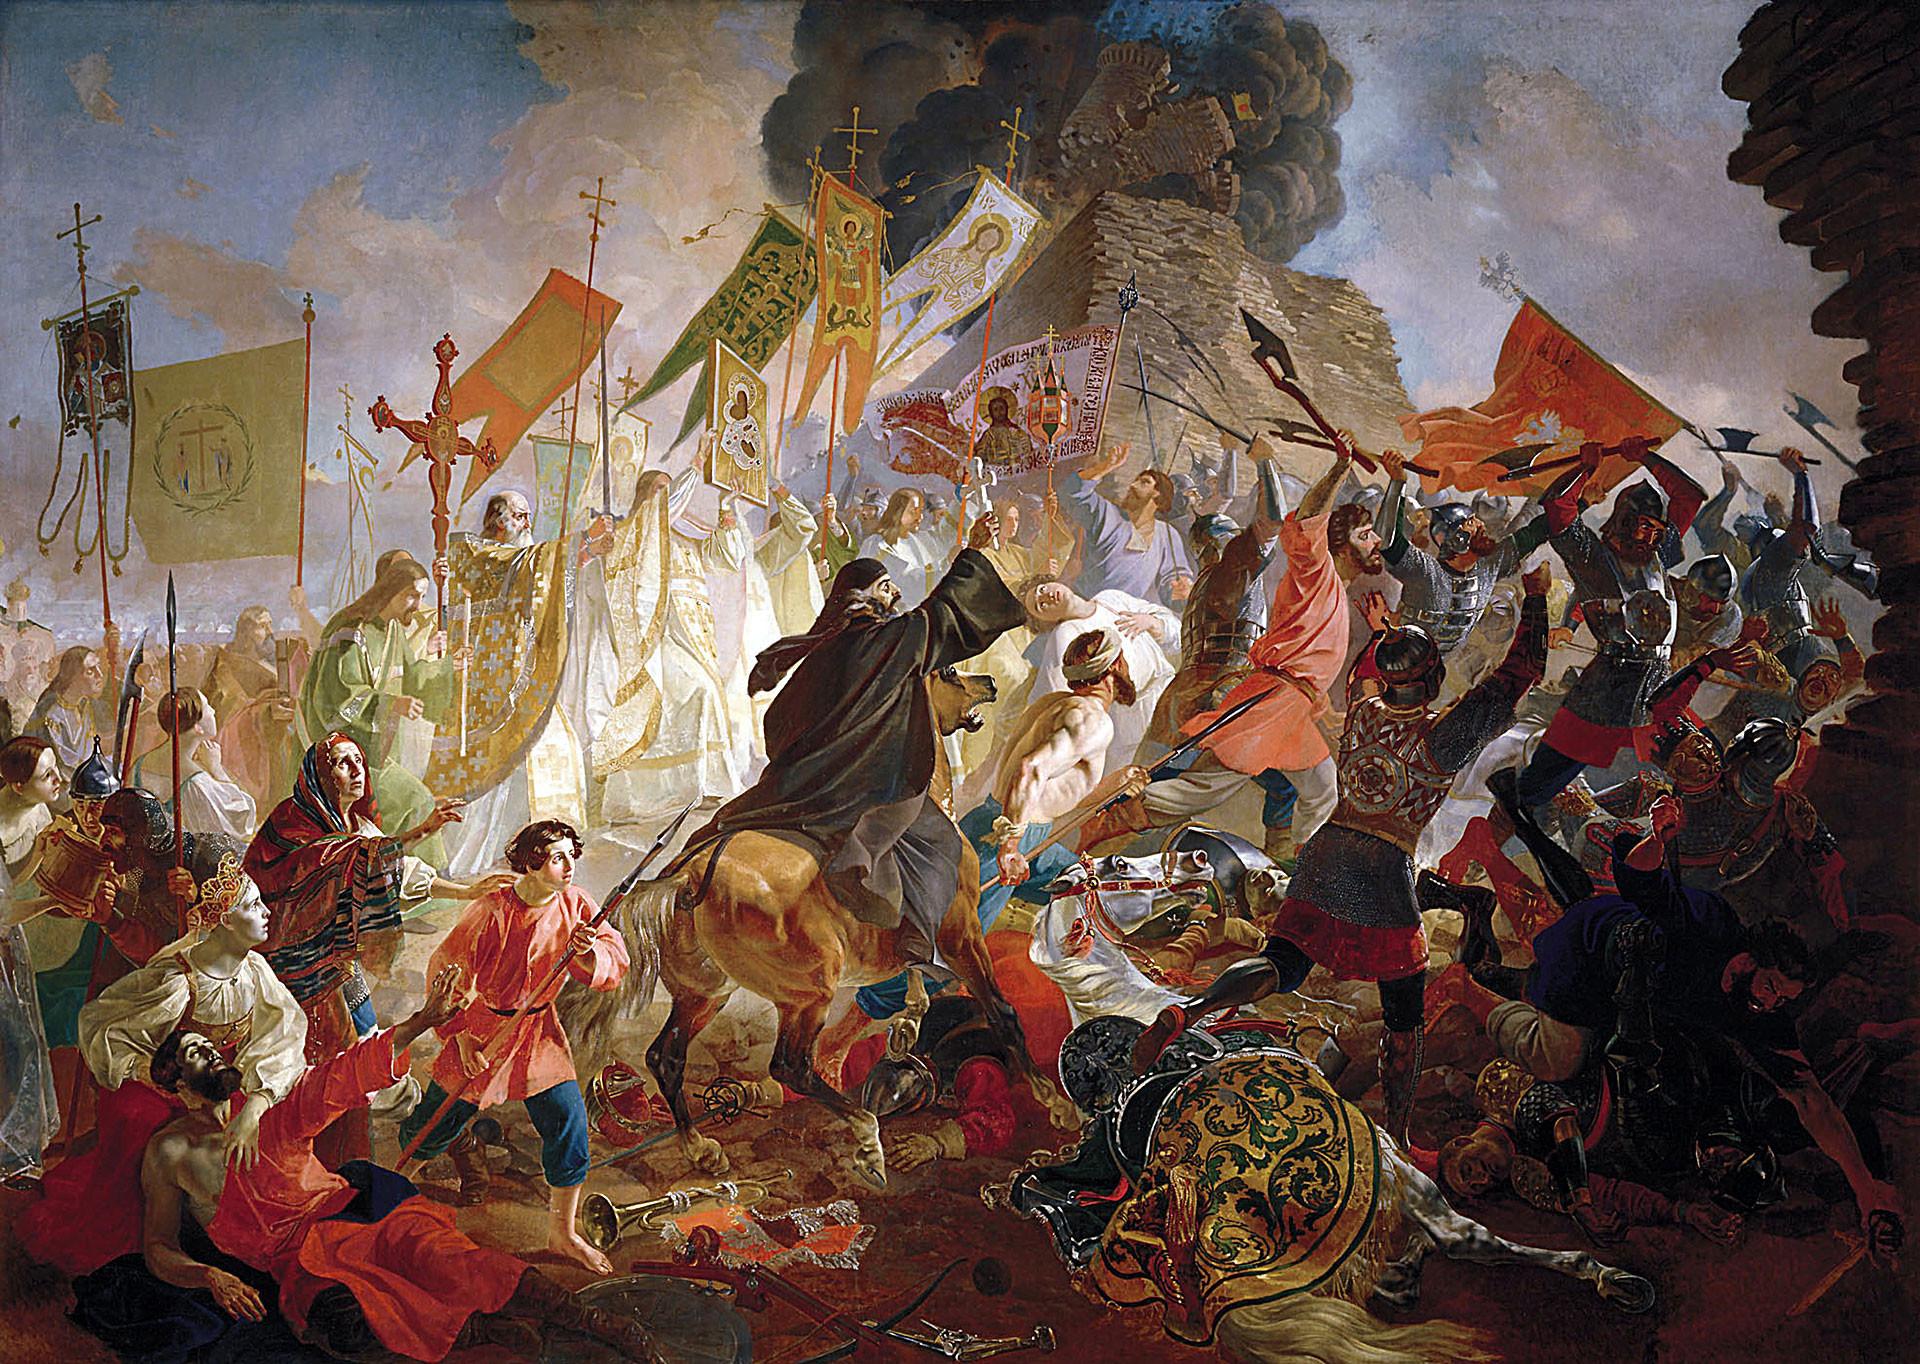 Cerco de Pskov pelo Rei Polonês Stefan Batori. Karl Briullov, 1843.